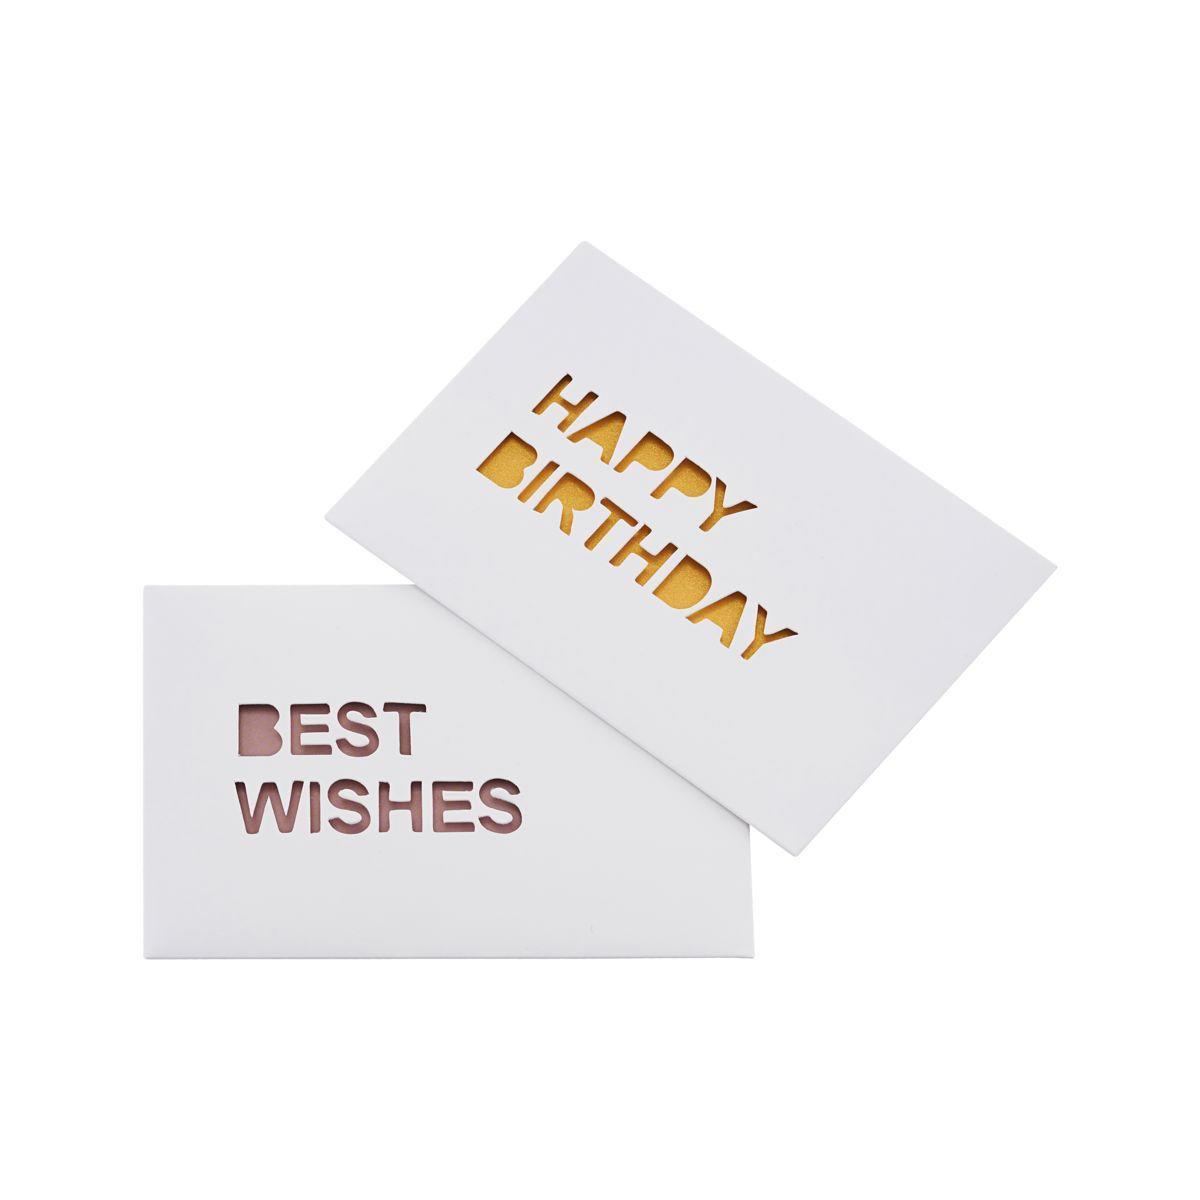 MONOGRAPH Narozeninové přání Wishes - set 2ks, bílá barva, papír